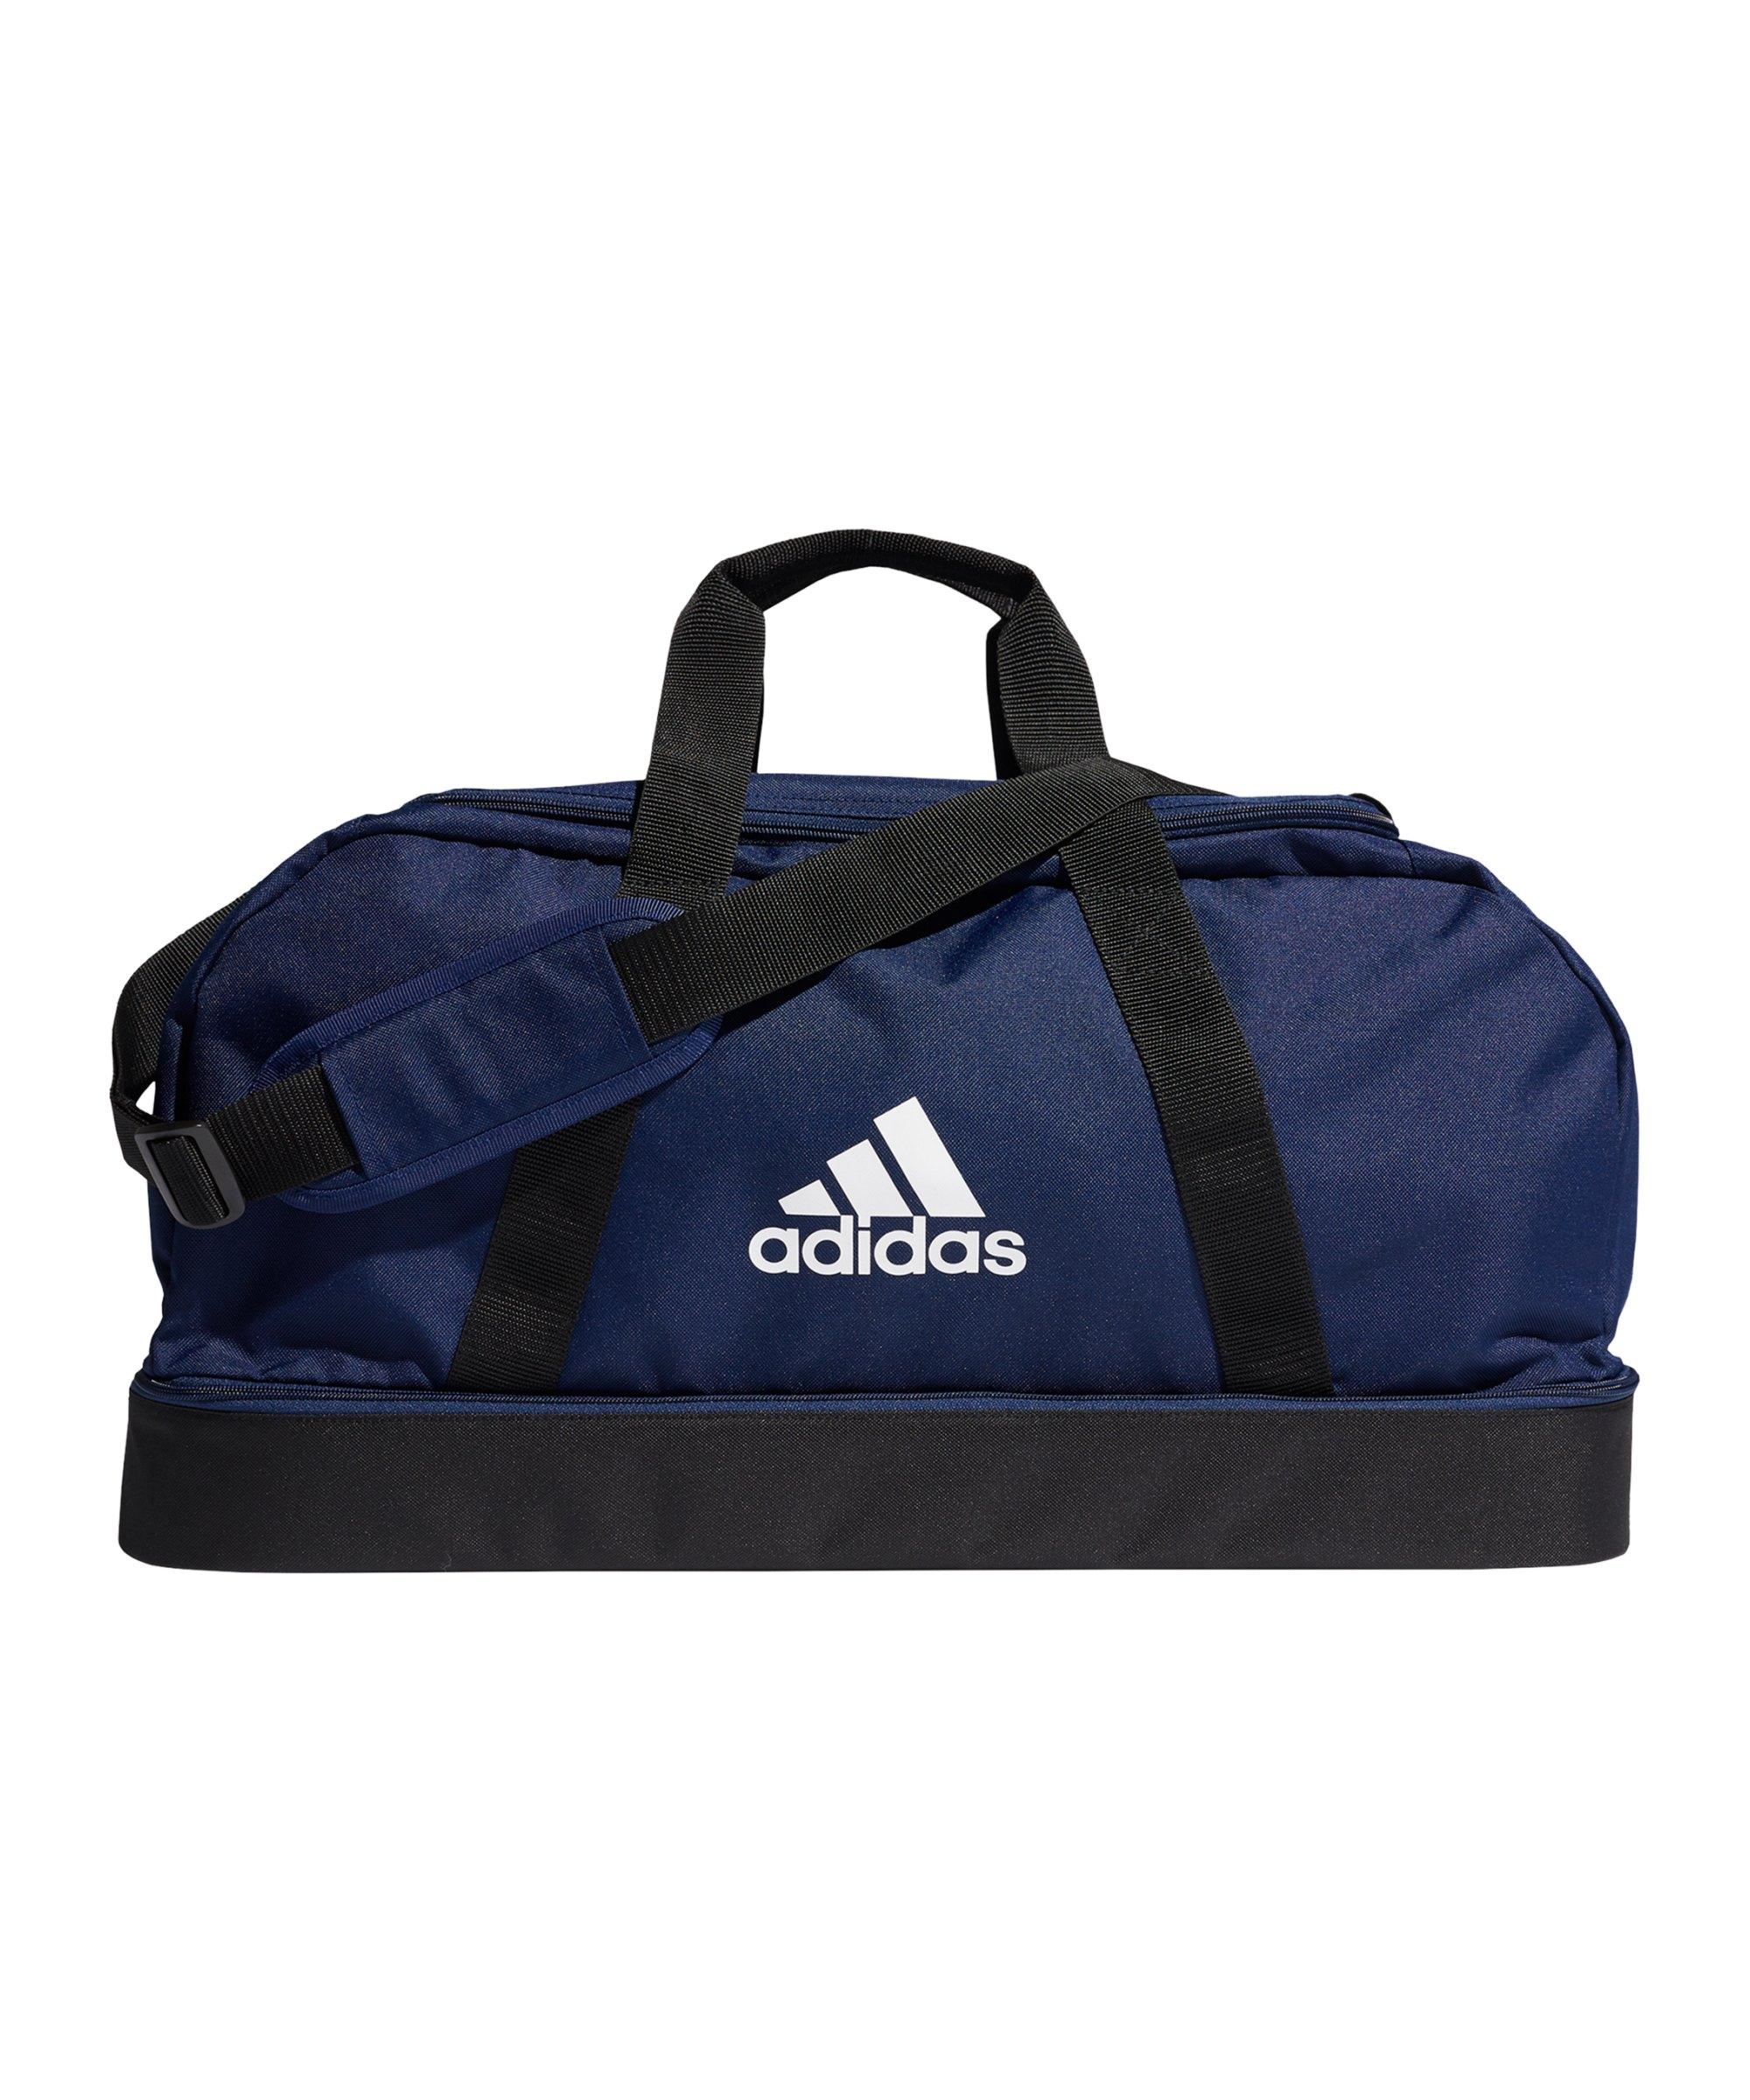 adidas Tiro Duffel Bag Gr. M mit Bodenfach Blau - blau